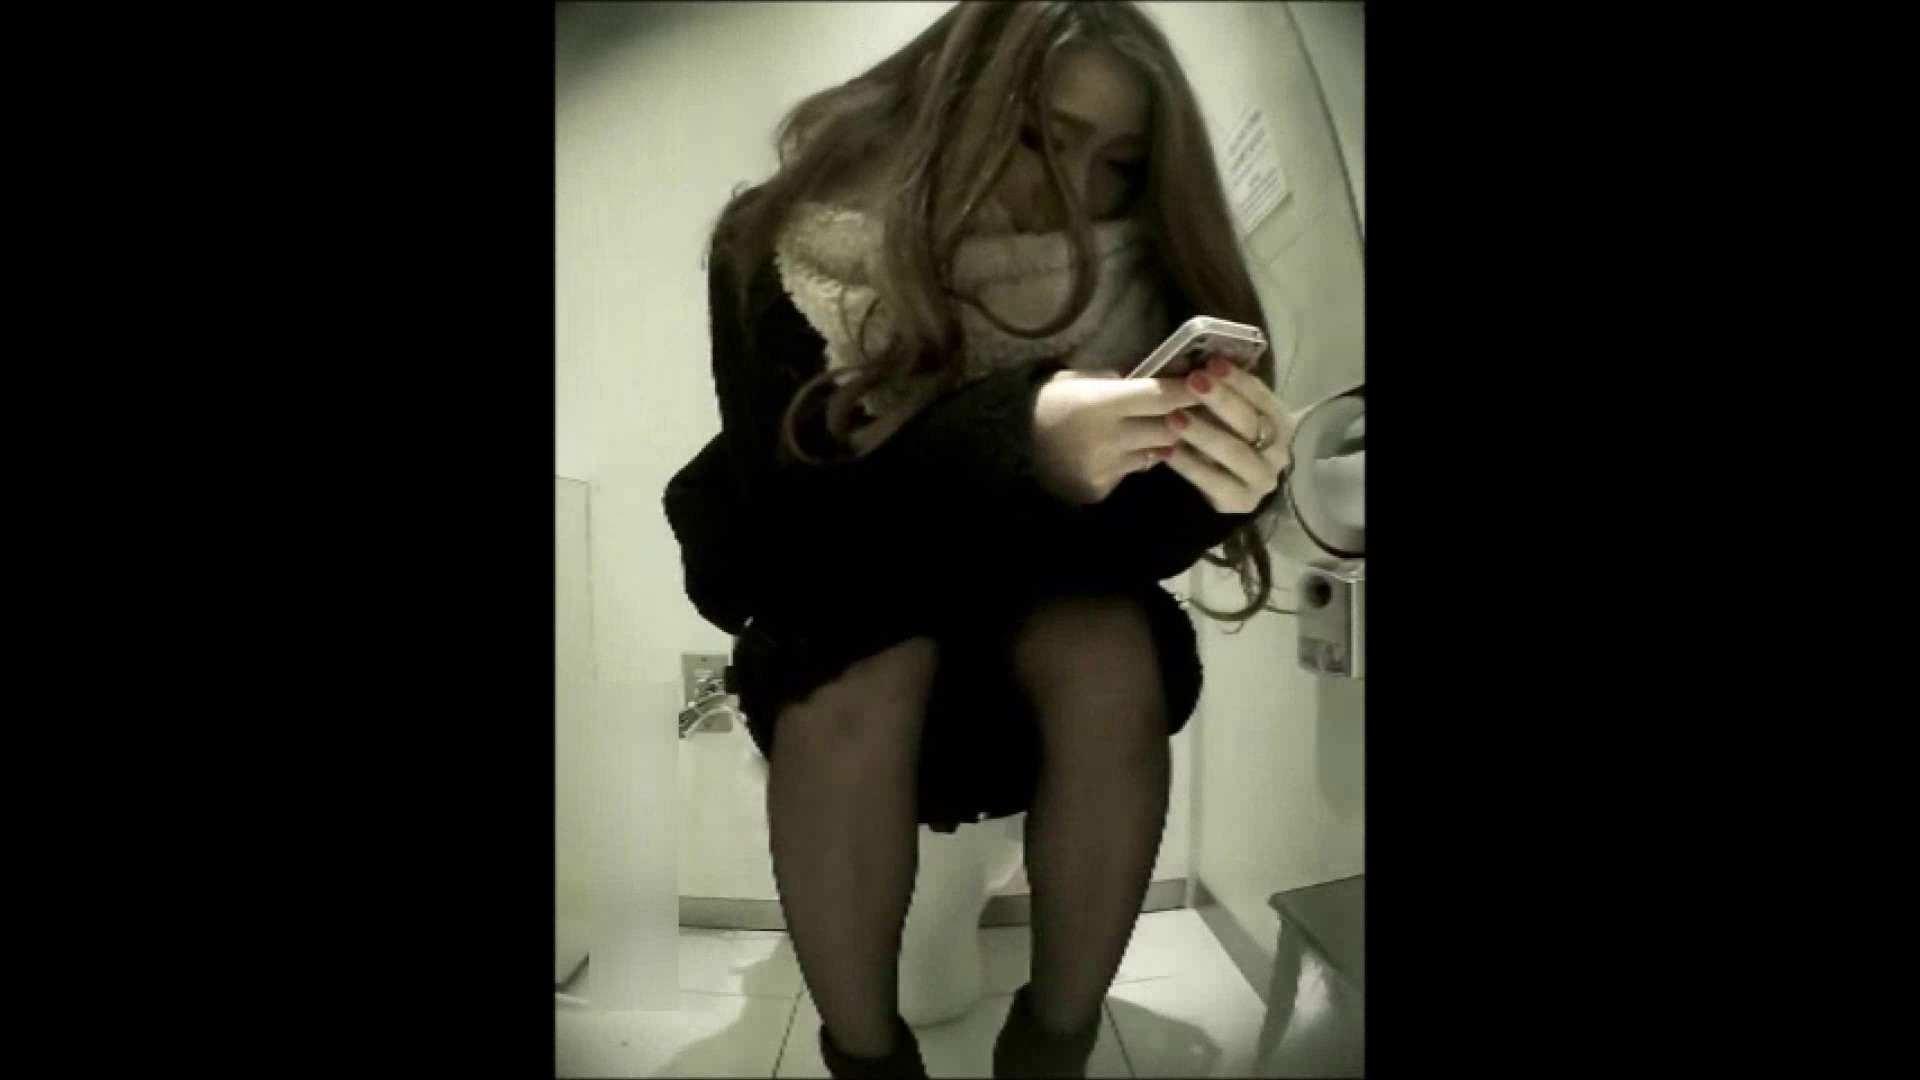 洗面所盗撮~隣の美人お姉さんVol.14 洗面所 オマンコ動画キャプチャ 102PIX 95